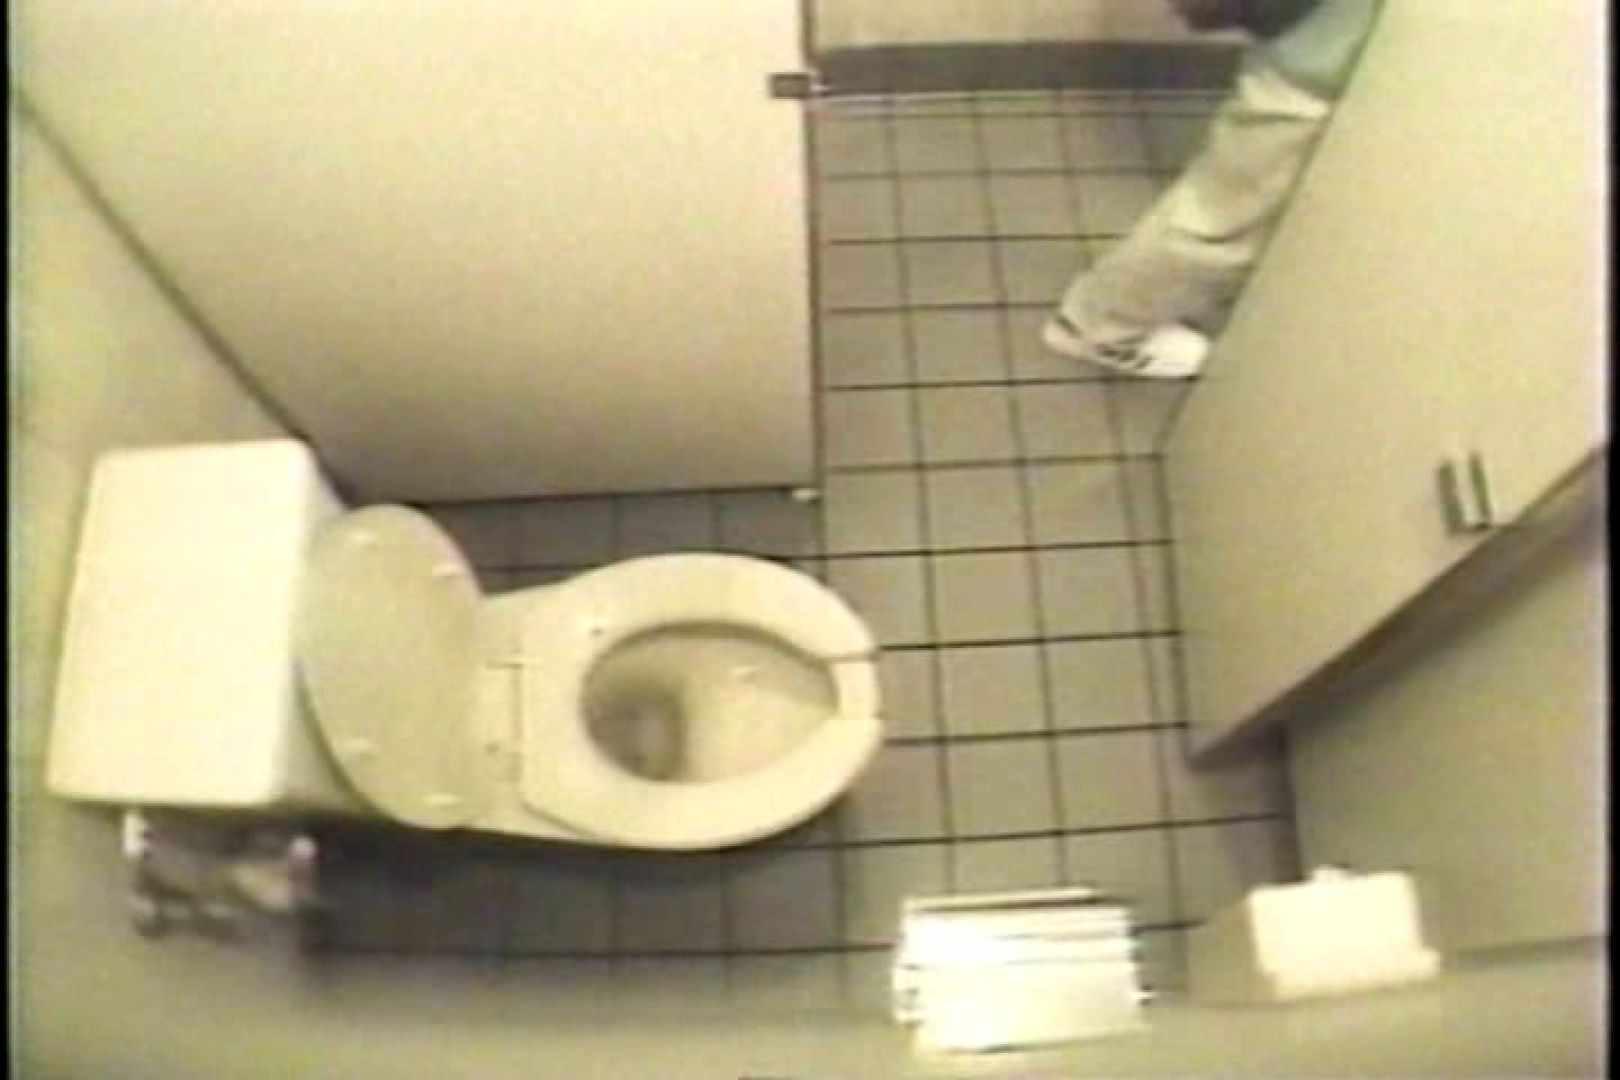 盗撮 女子洗面所3ヶ所入ってしゃがんで音出して 洗面所 オマンコ無修正動画無料 109連発 87